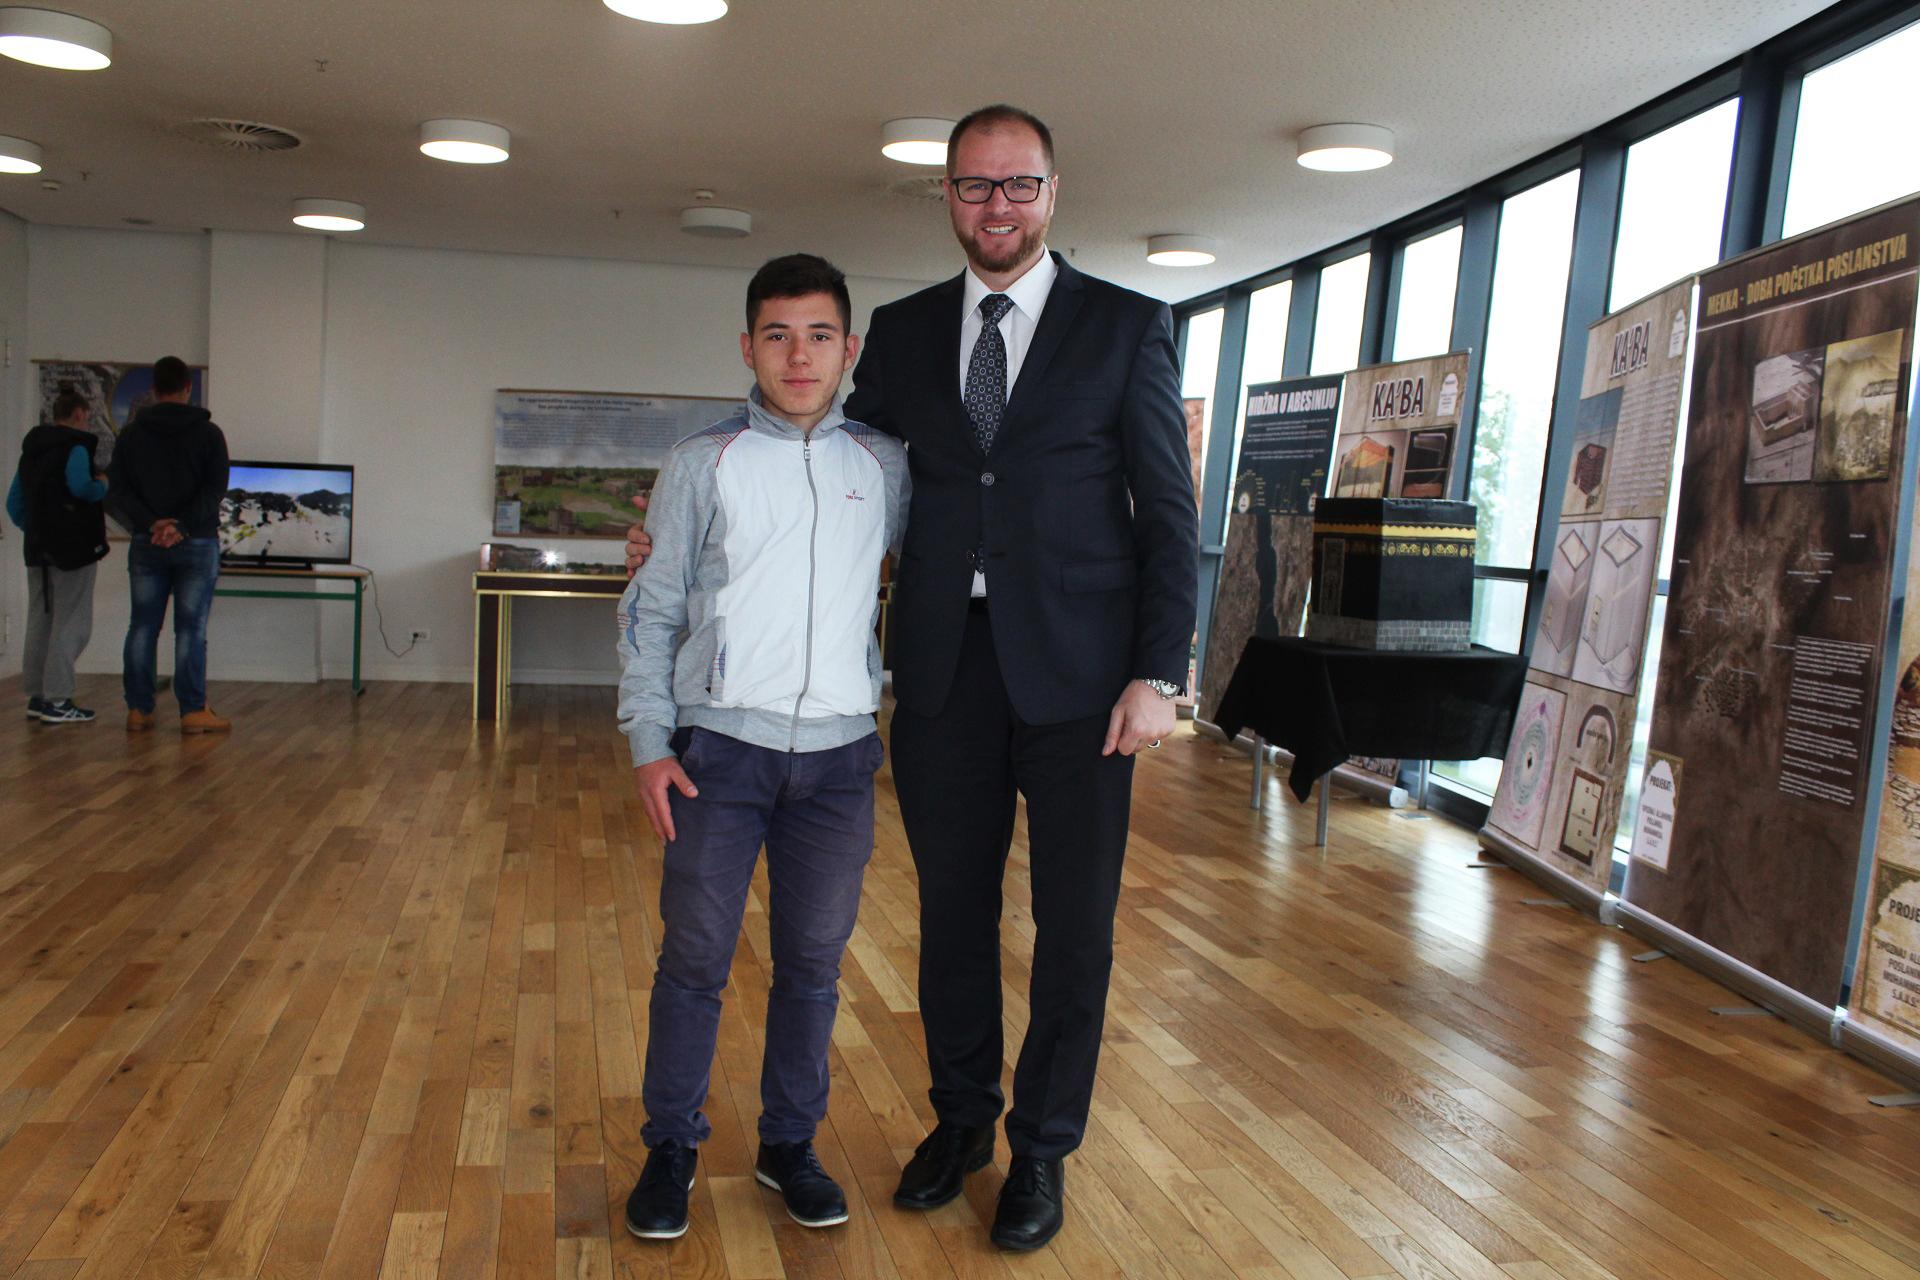 Autor izložbe dr. Esmir Halilovićem sa učenikom medres Mehmed Fatih.